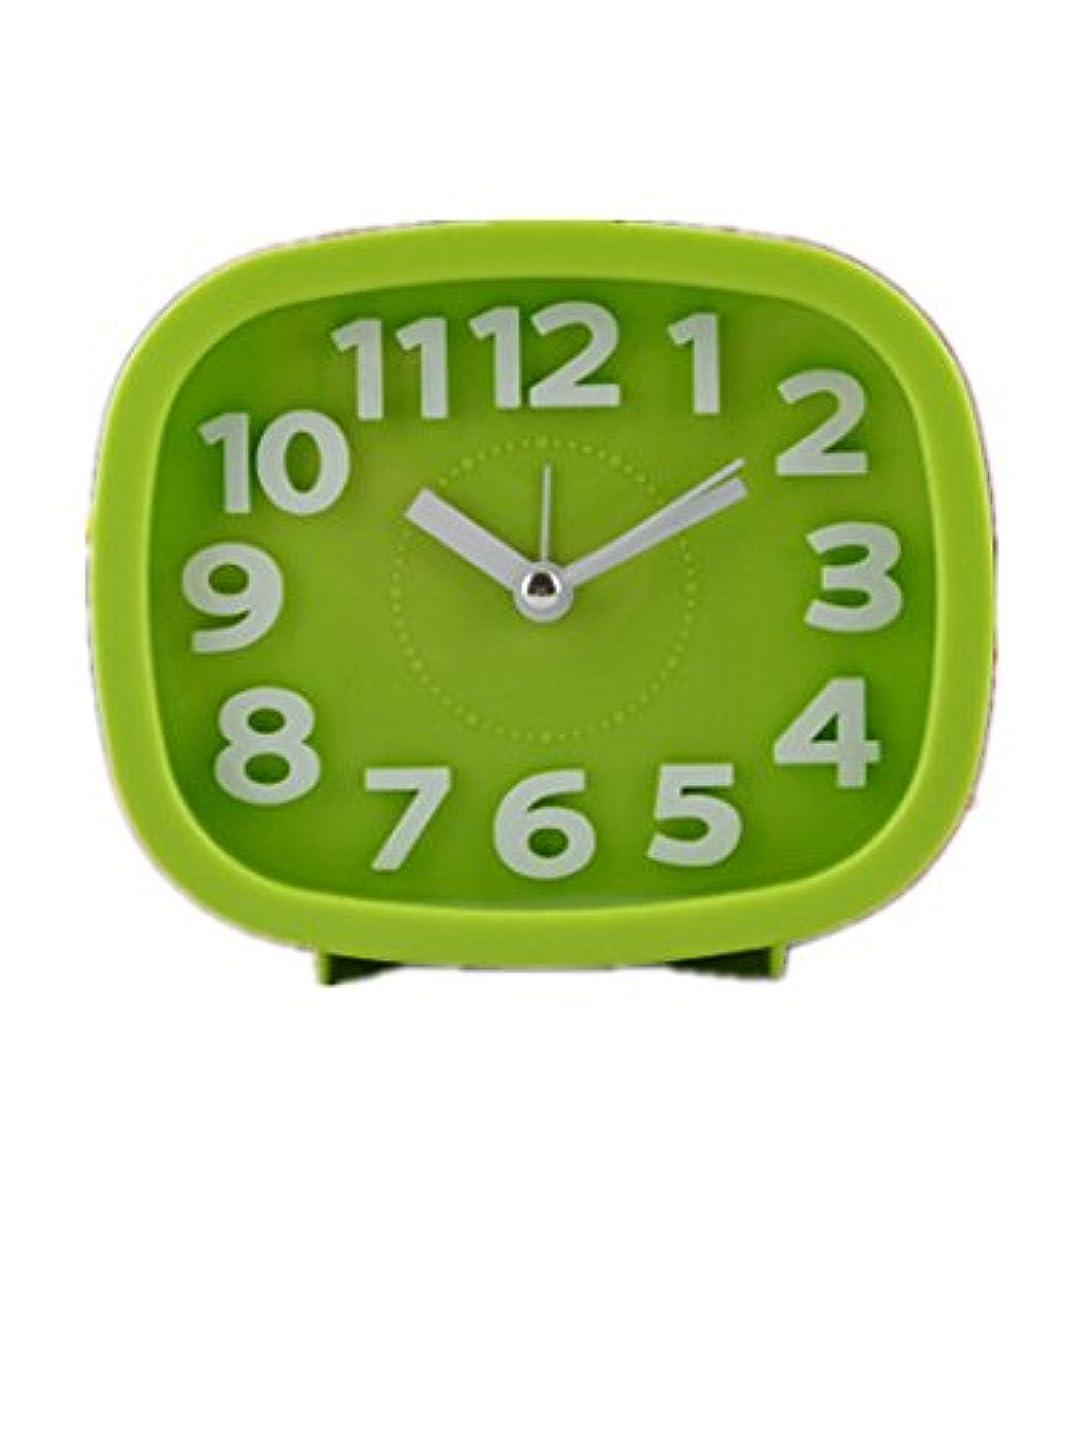 もっと合理的私たちZobba 目覚まし時計楕円形目覚まし時計学生の目覚まし時計漫画目覚まし時計子目覚まし時計寝室の目覚まし時計かわいい外観品質品質 品質保証 (Color : グリーン)